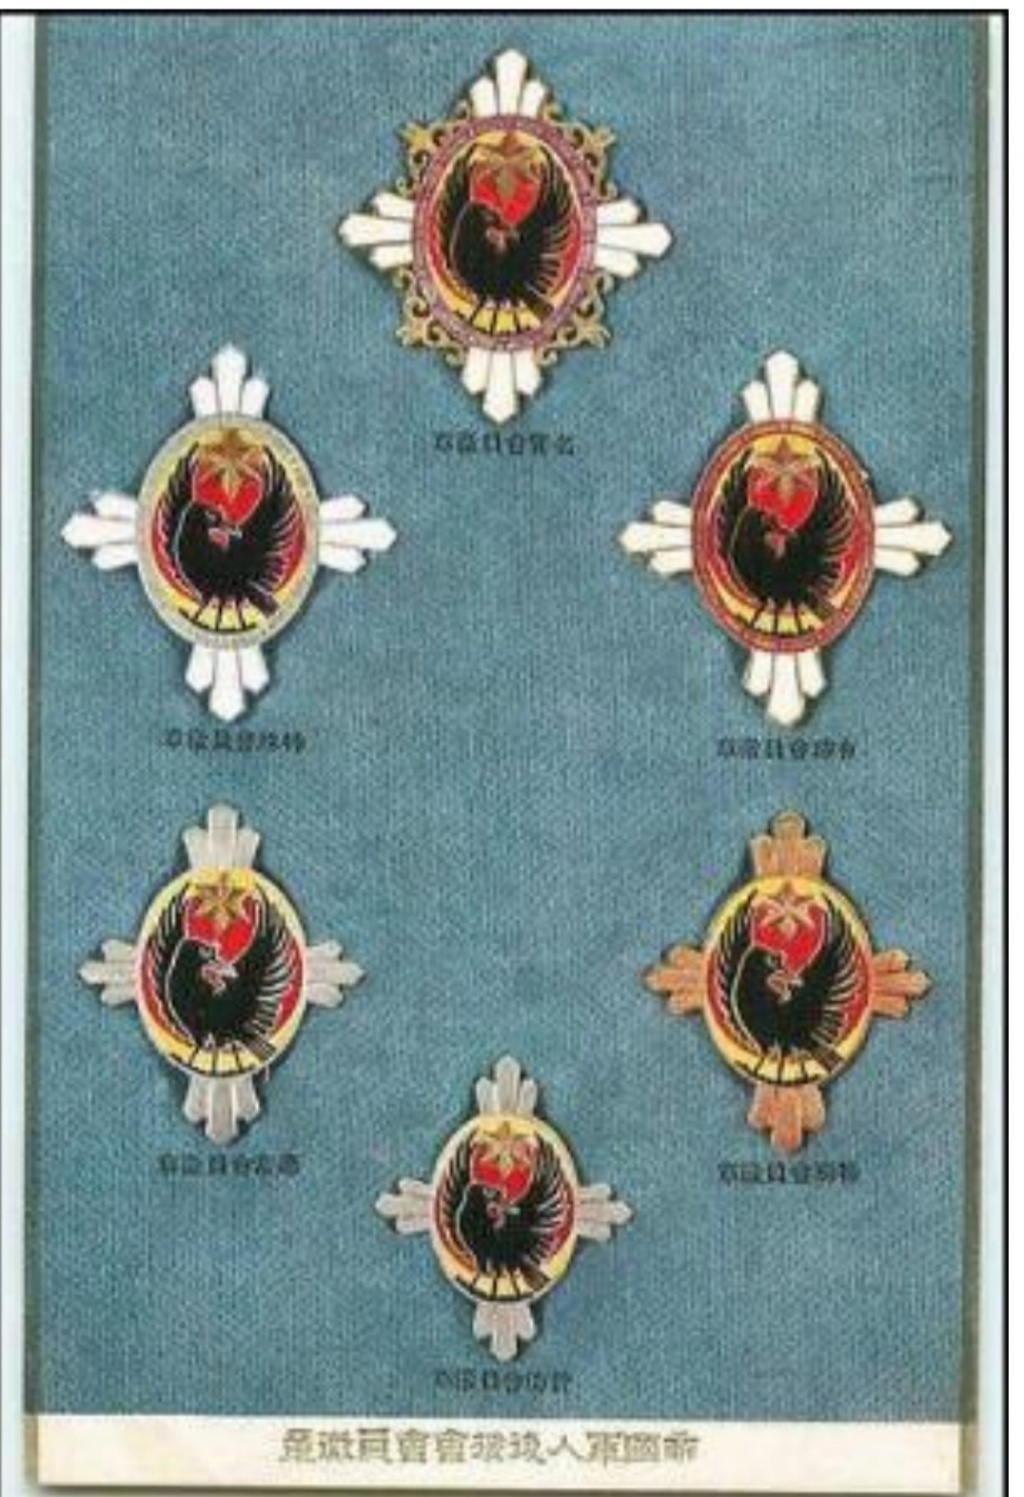 Mes corbeaux a trois pattes : les badges de la société d'entraide au soldat  20210364